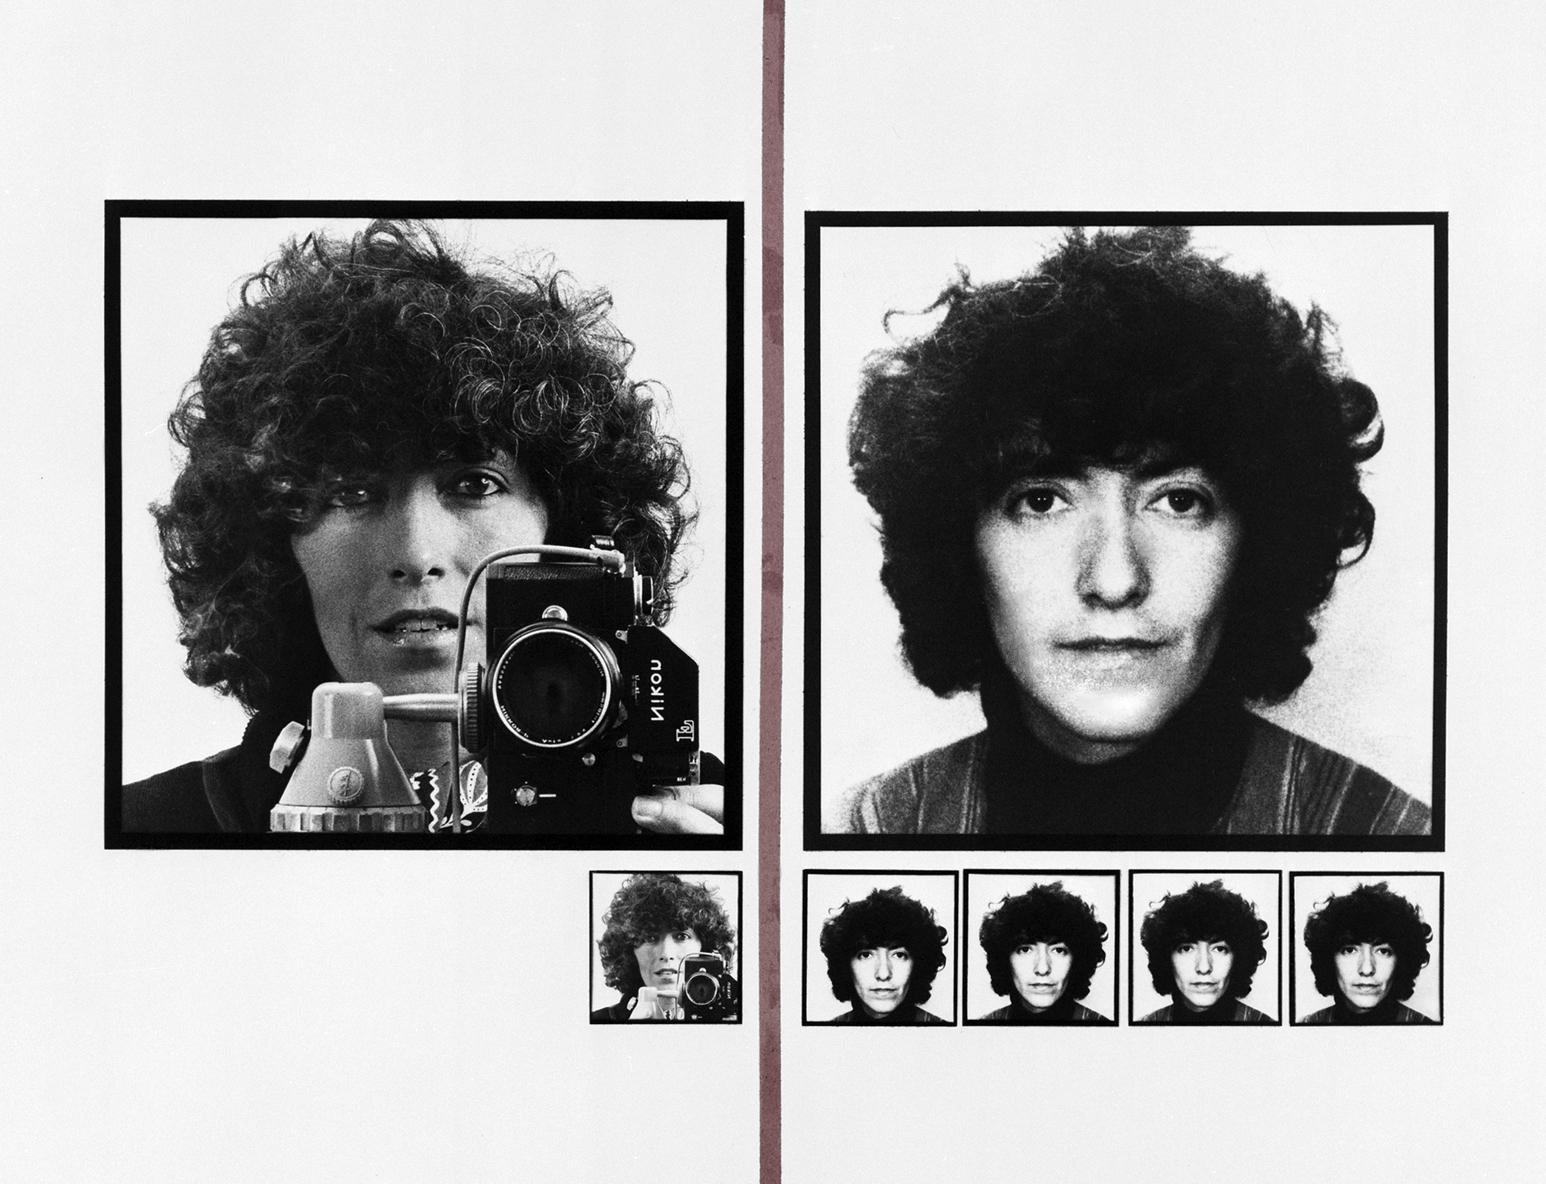 """Paola Mattioli, """"Faccia a faccia: Paola"""", 1977 (dettaglio)"""